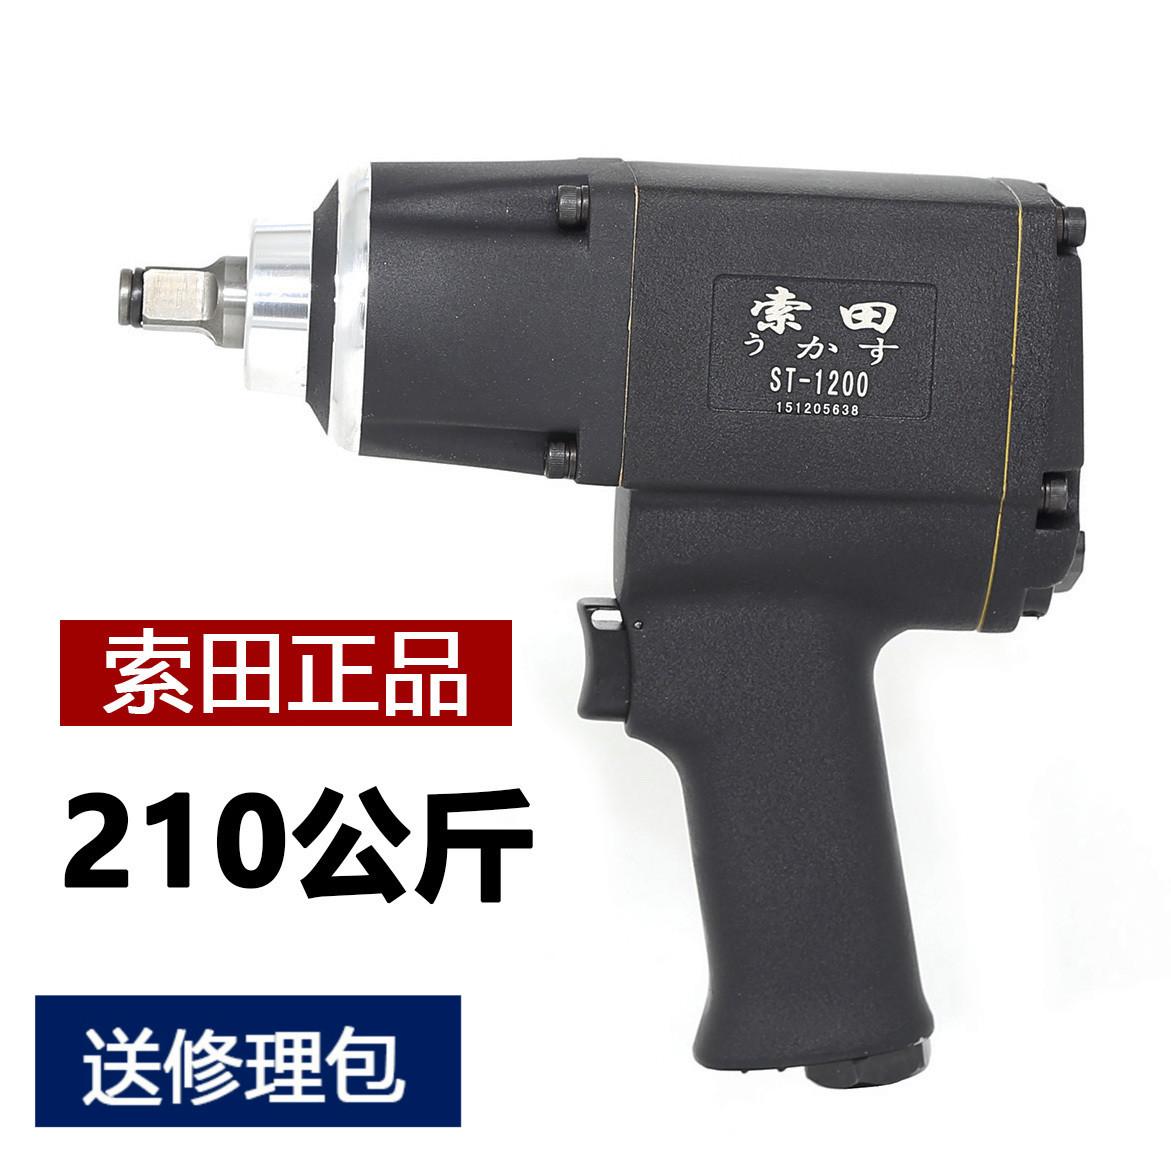 索田1/2大扭力工业级小风炮风动气动扳手冲击大扭力工具210公斤